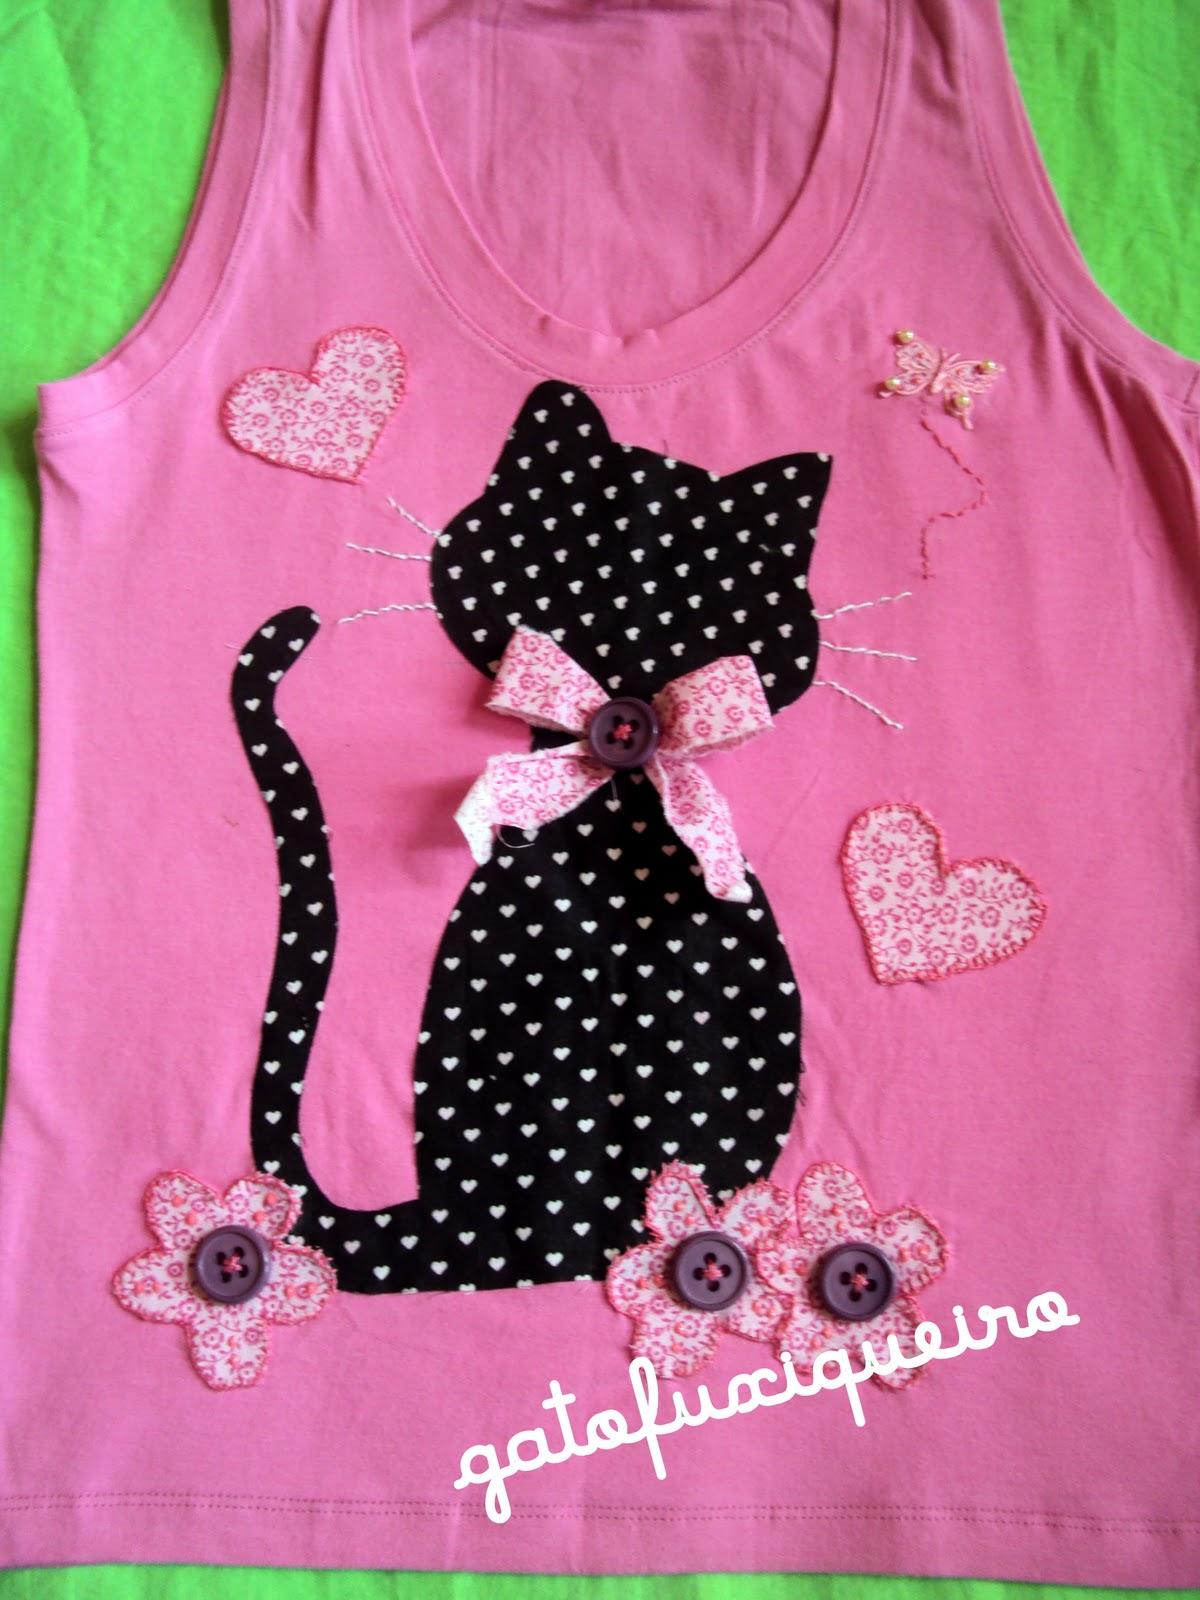 Gato fuxiqueiro camisetas customizadas com bordados - Telas con motivos infantiles ...